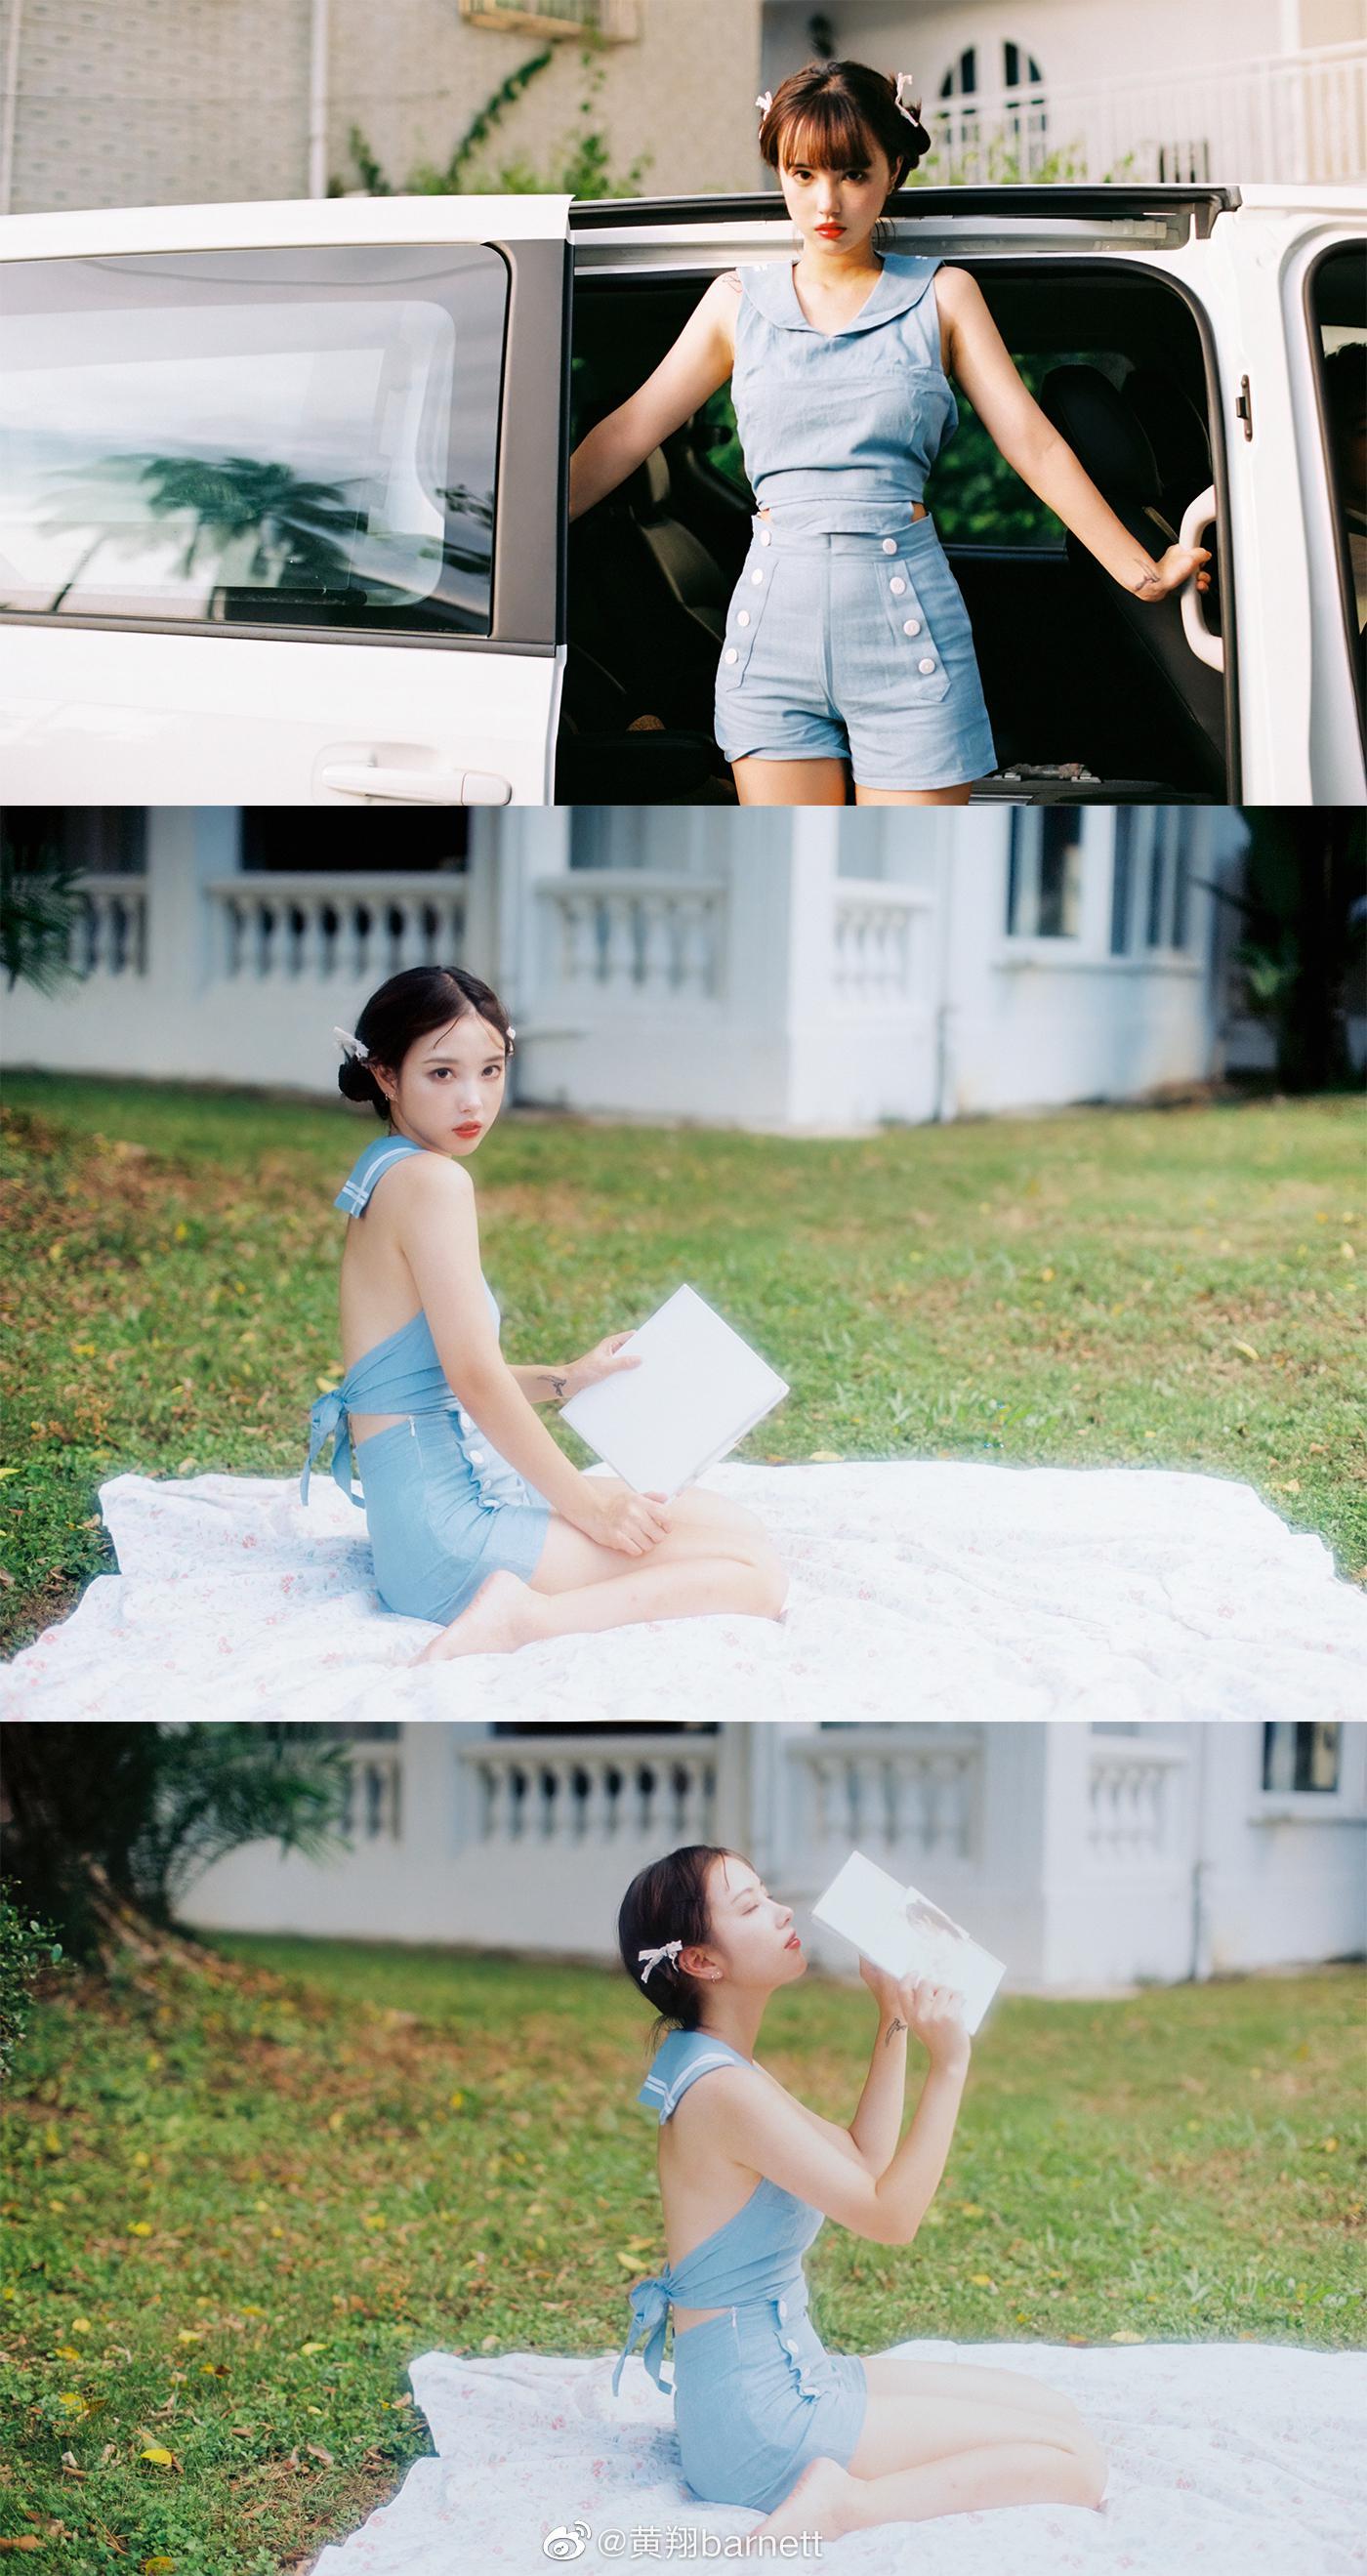 《夏日最终曲》Milu写真集(一)@黄翔barnett X@AmaiAmai-MILU